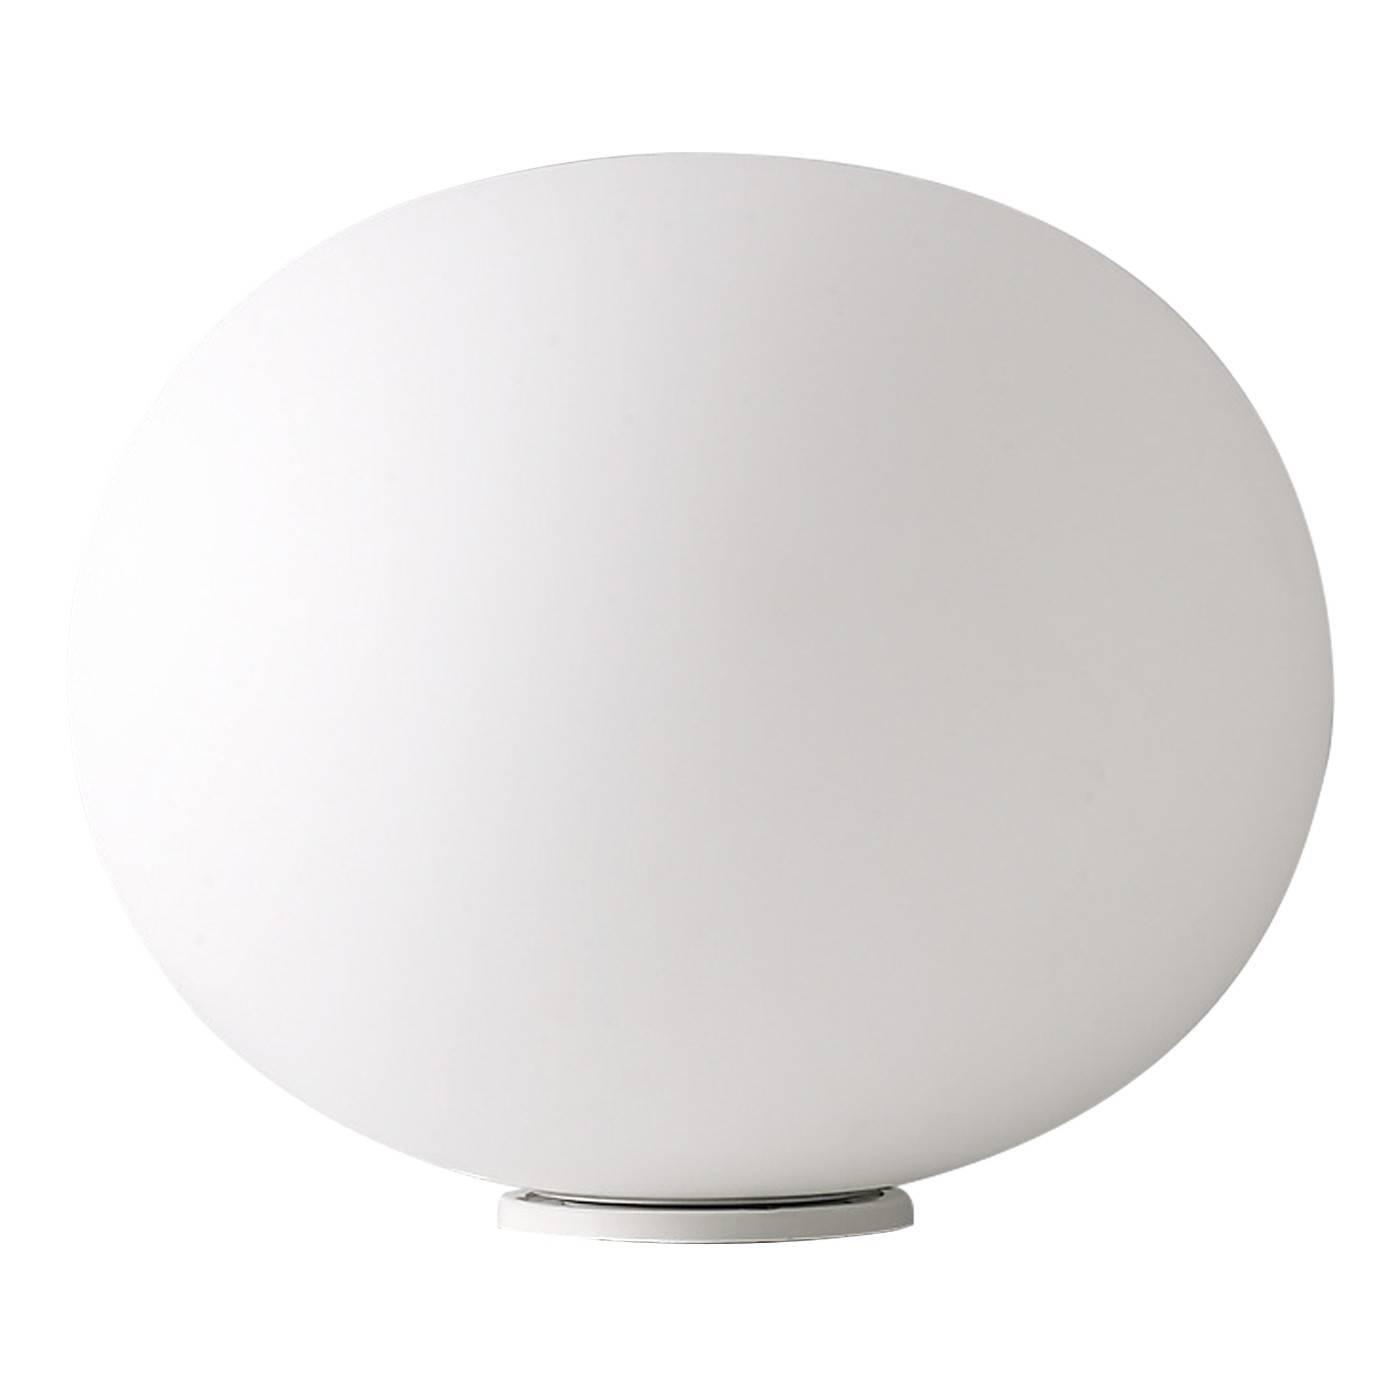 01_mdkt1238_flos_morrison_glo_ball_basic_table_lamp_z Elegantes Flos Glo Ball S Dekorationen